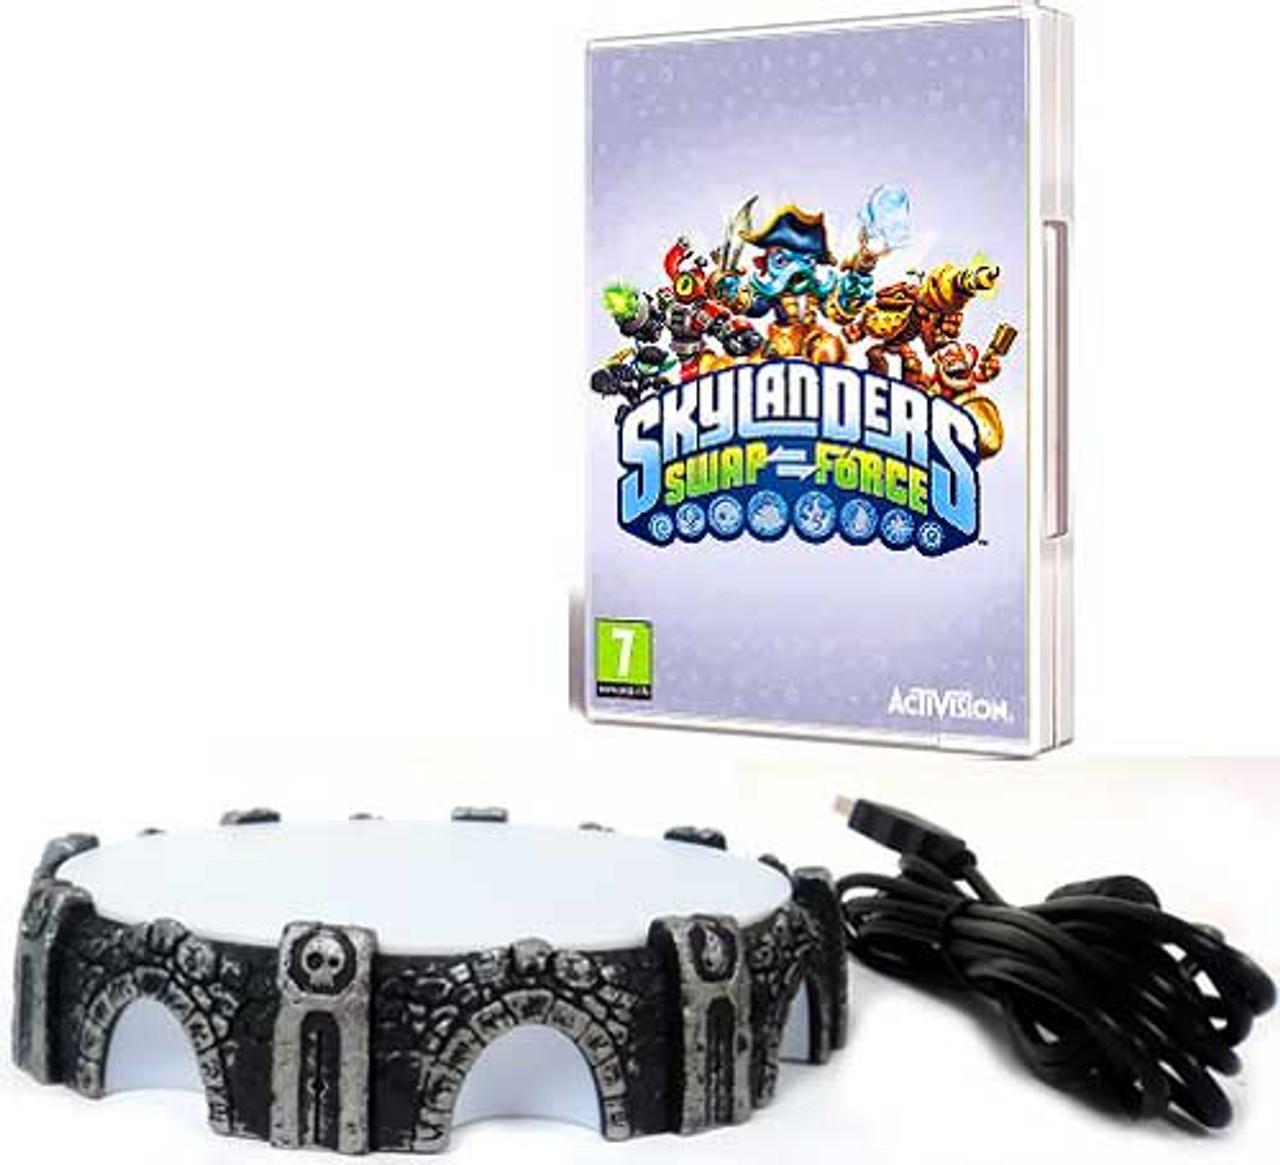 Skylanders Swap Force PS3 Base Set Video Game [Loose]